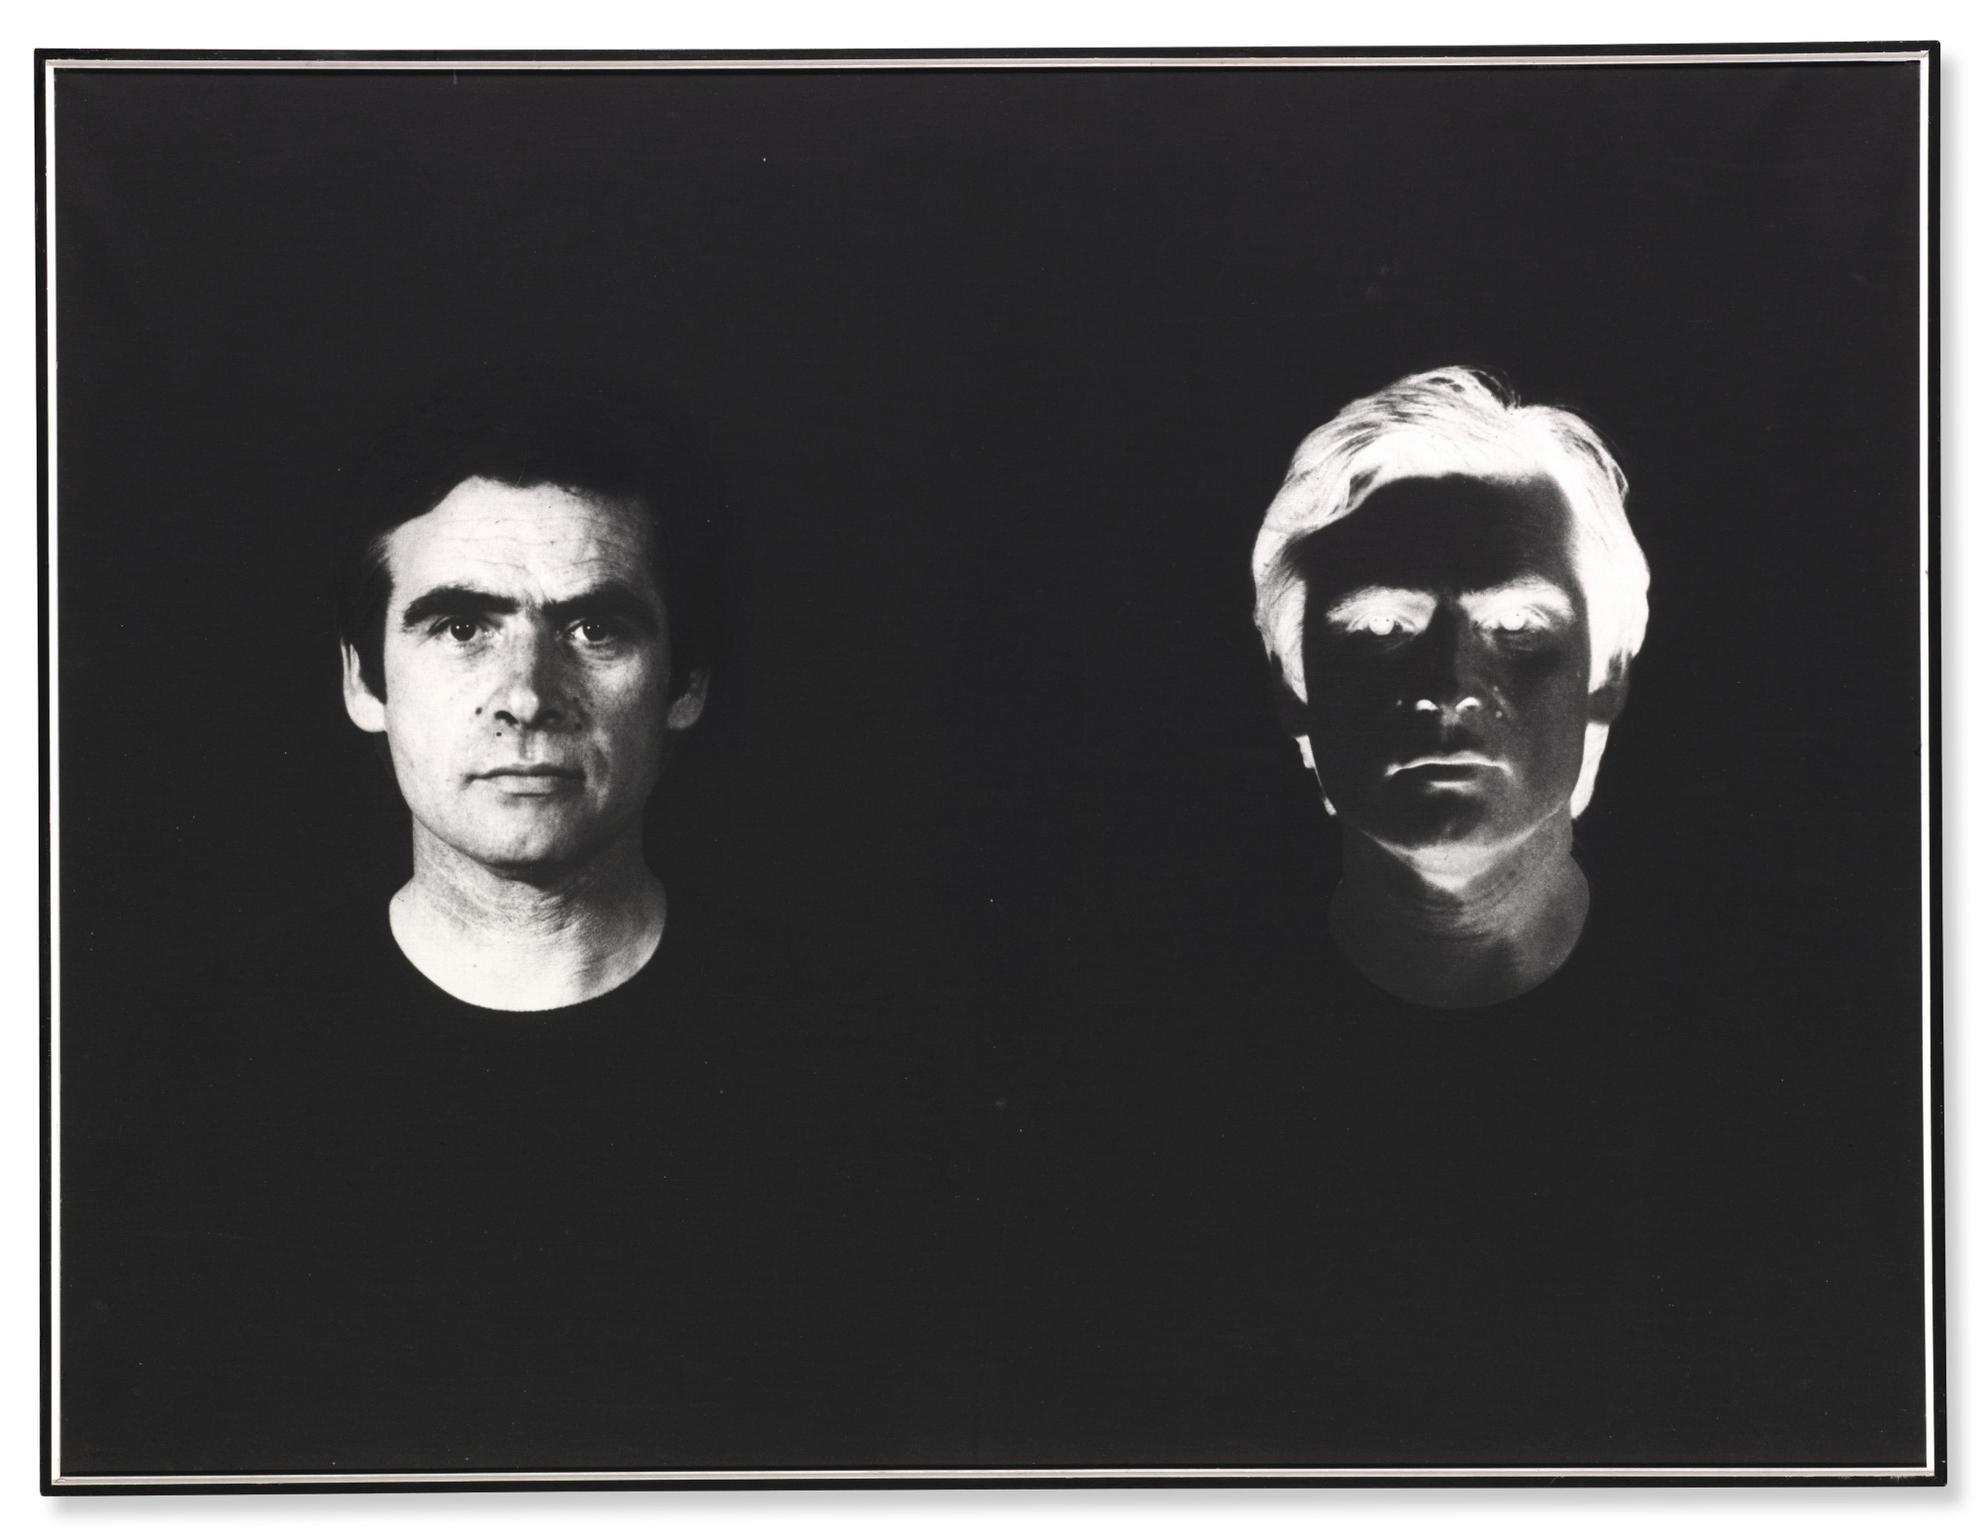 Aldo Tagliaferro - Lio Ritratto N. 9-1977